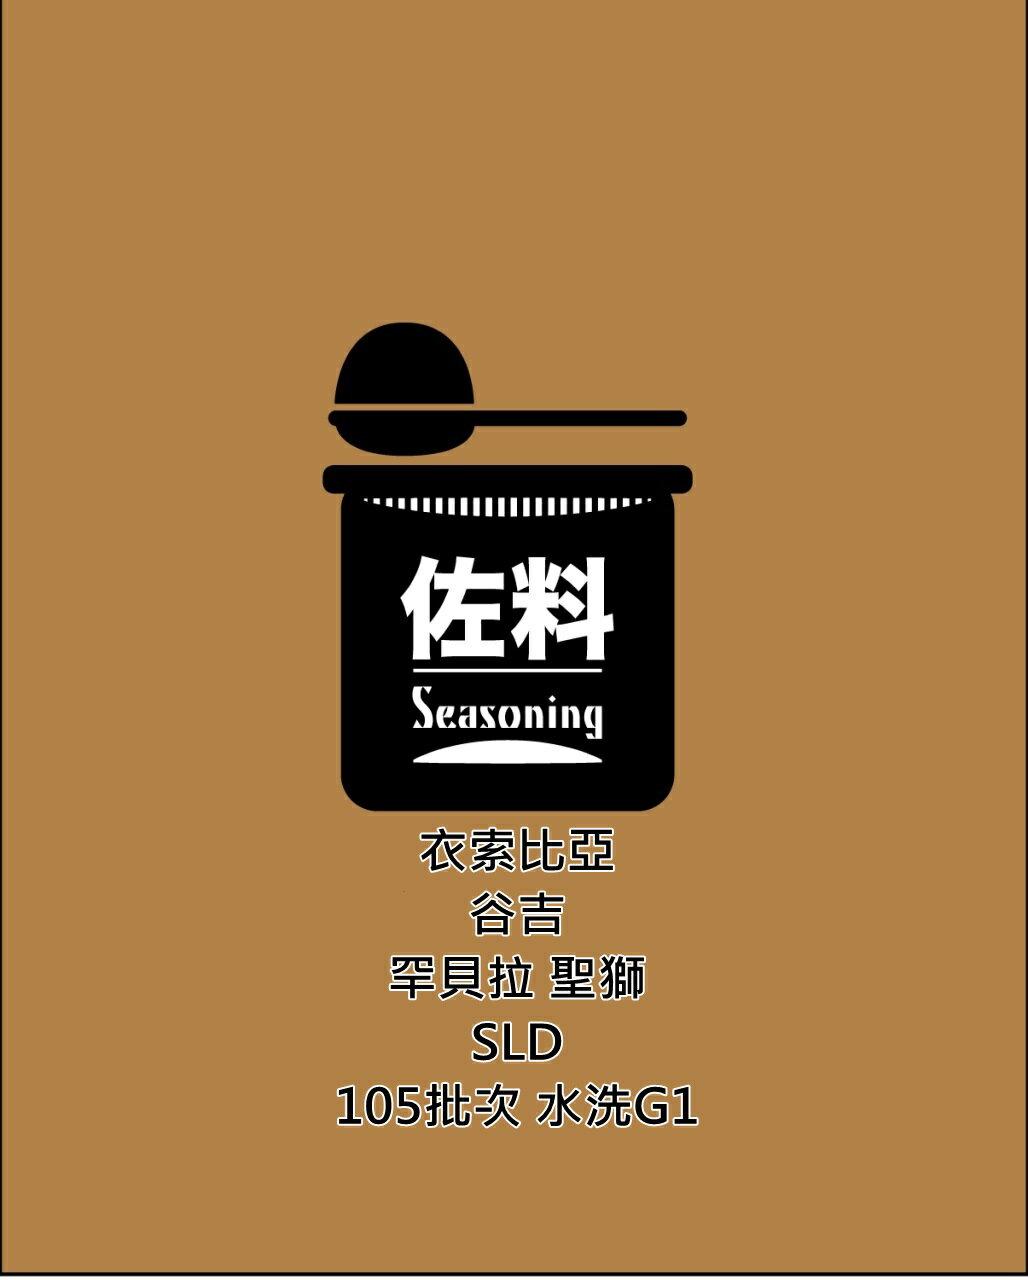 濾掛咖啡 耳掛包【衣索比亞 谷吉 罕貝拉 聖獅 單層慢速乾燥 105批次 水洗G1】-1包10G